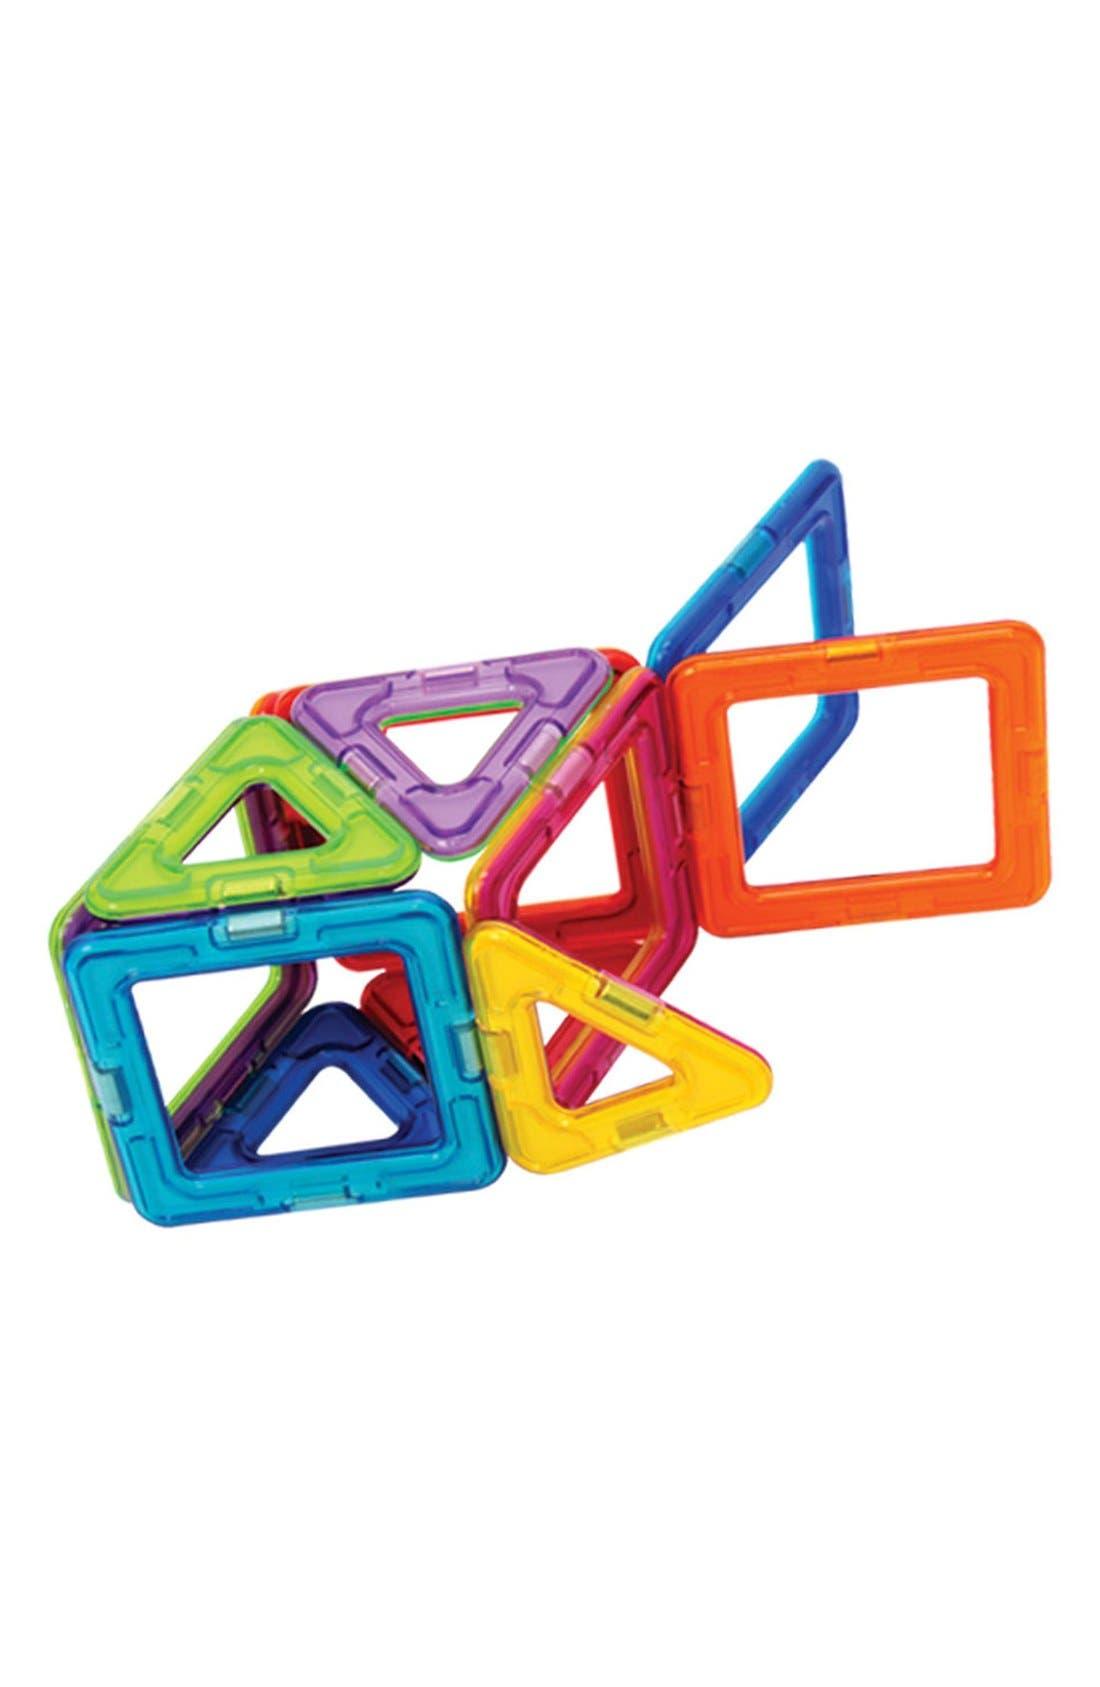 'Standard' Magnetic 3D Construction Set,                             Alternate thumbnail 4, color,                             Rainbow